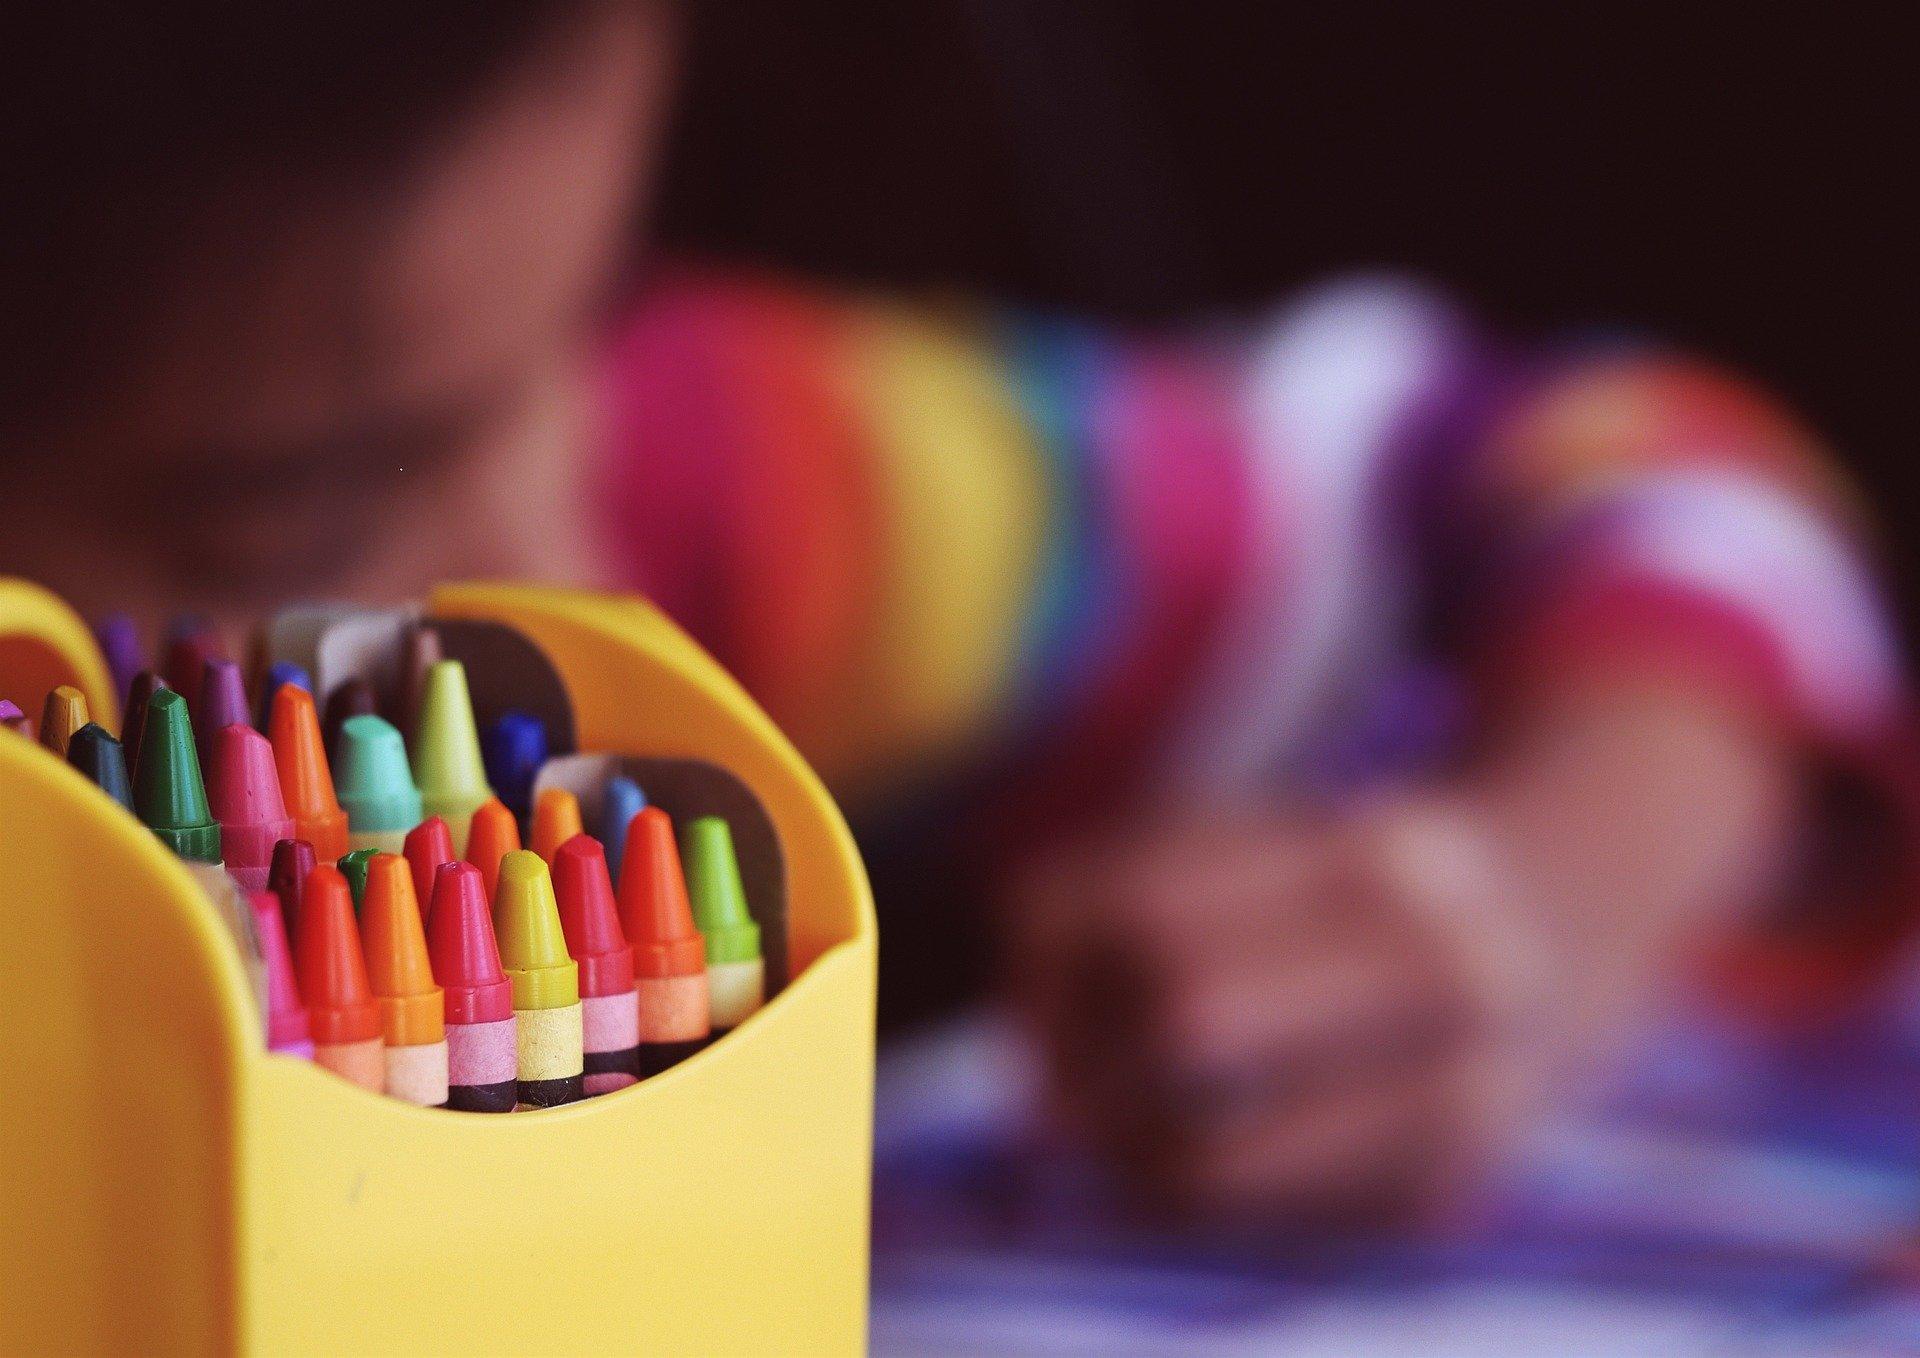 detrazione spese scolastiche